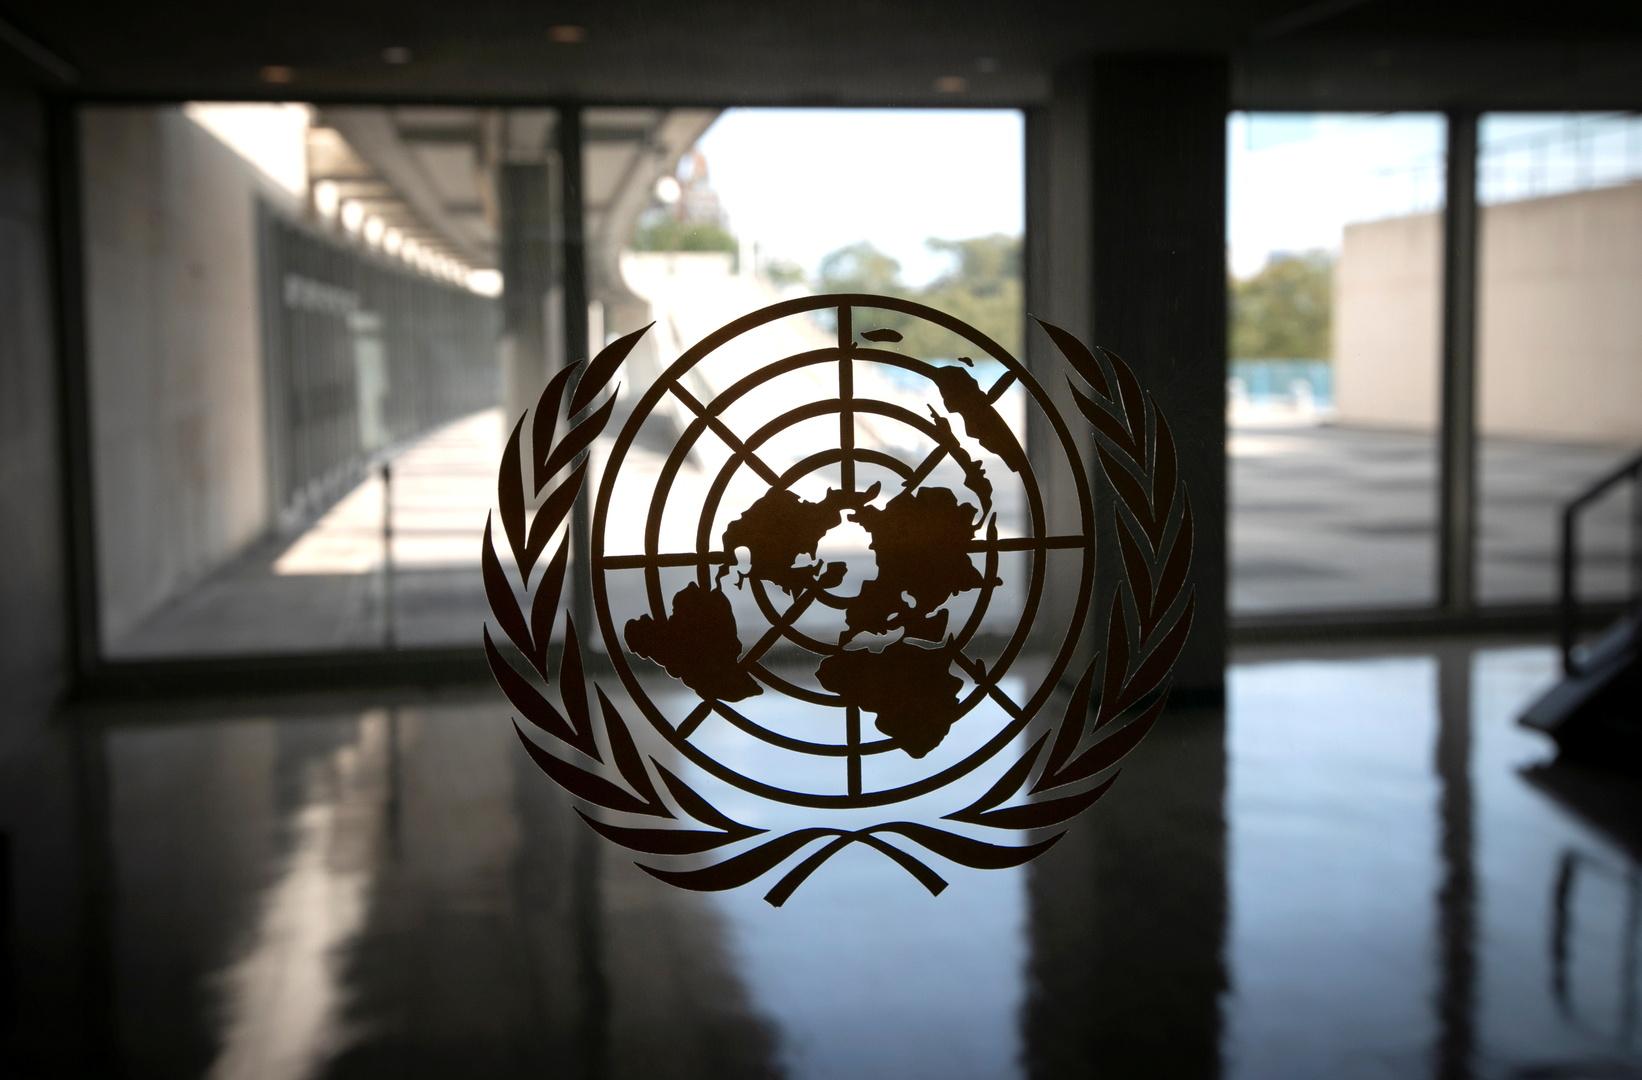 الأمم المتحدة تدعو إلى وقف فوري لإطلاق النار في ميانمار وسط تفشي كورونا